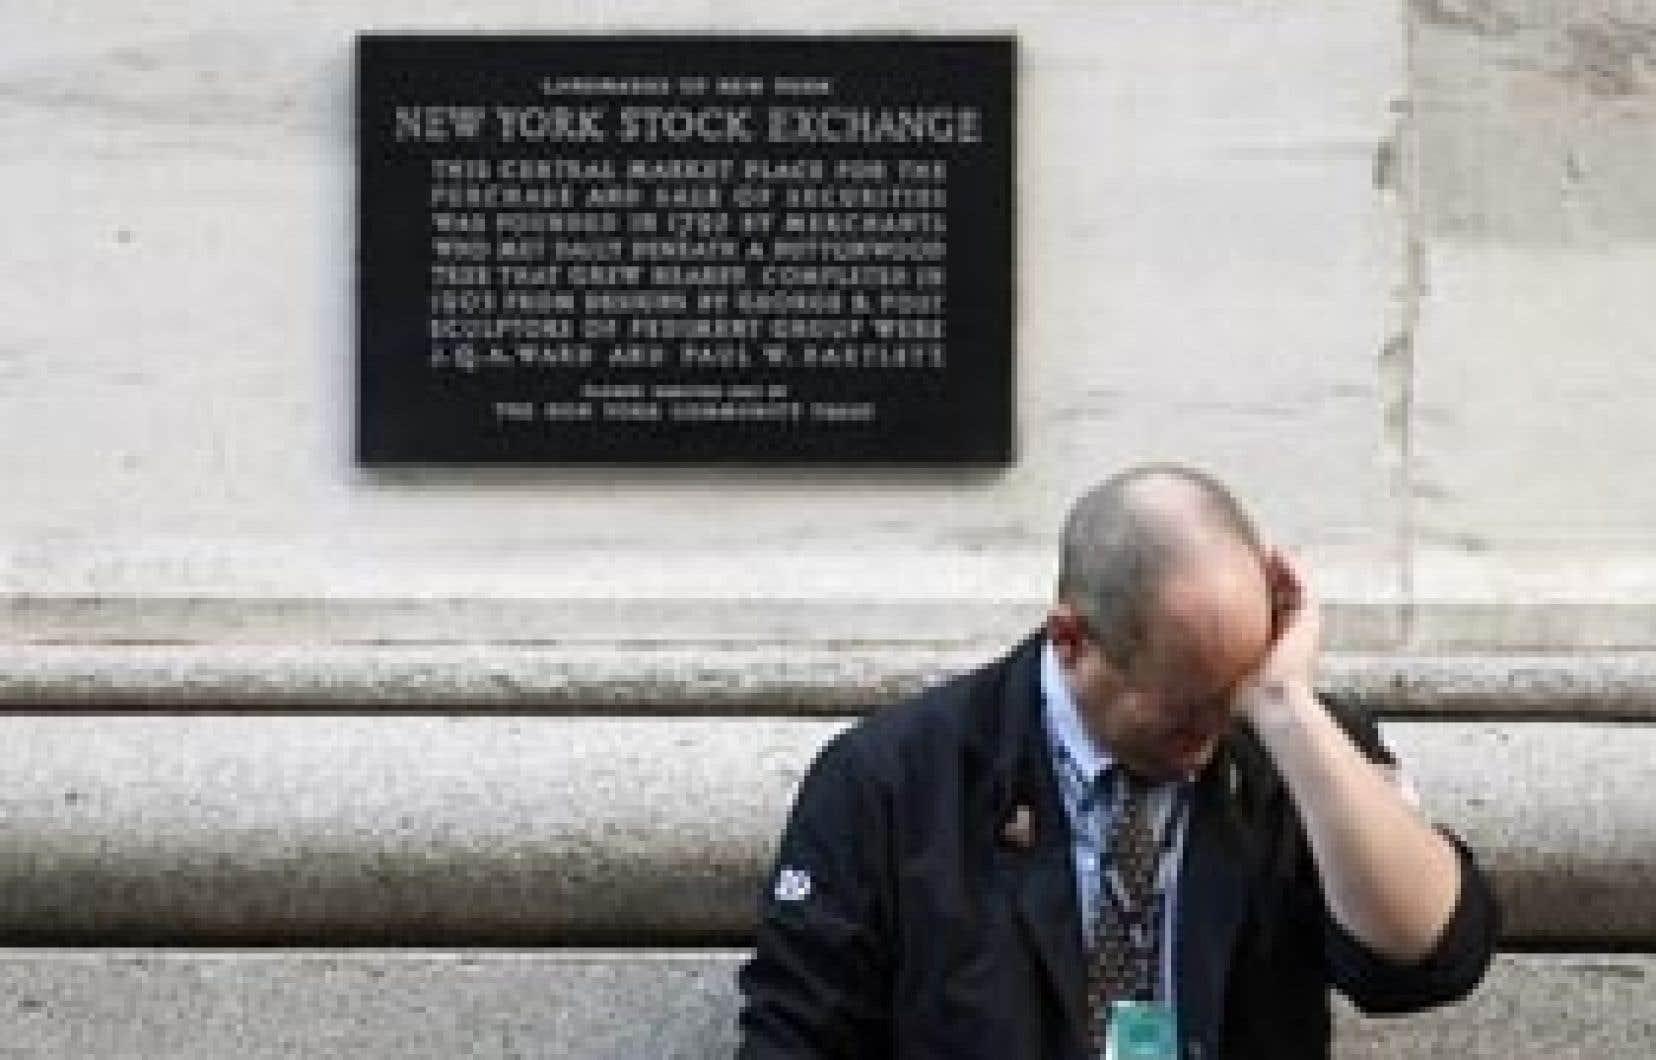 Un courtier de Wall Street fait une pause. Les places boursières ont piqué du nez hier, sous le coup de nombreuses mauvaises nouvelles économiques. À Toronto, notamment, le TSX a connu sa pire performance depuis octobre 2007.